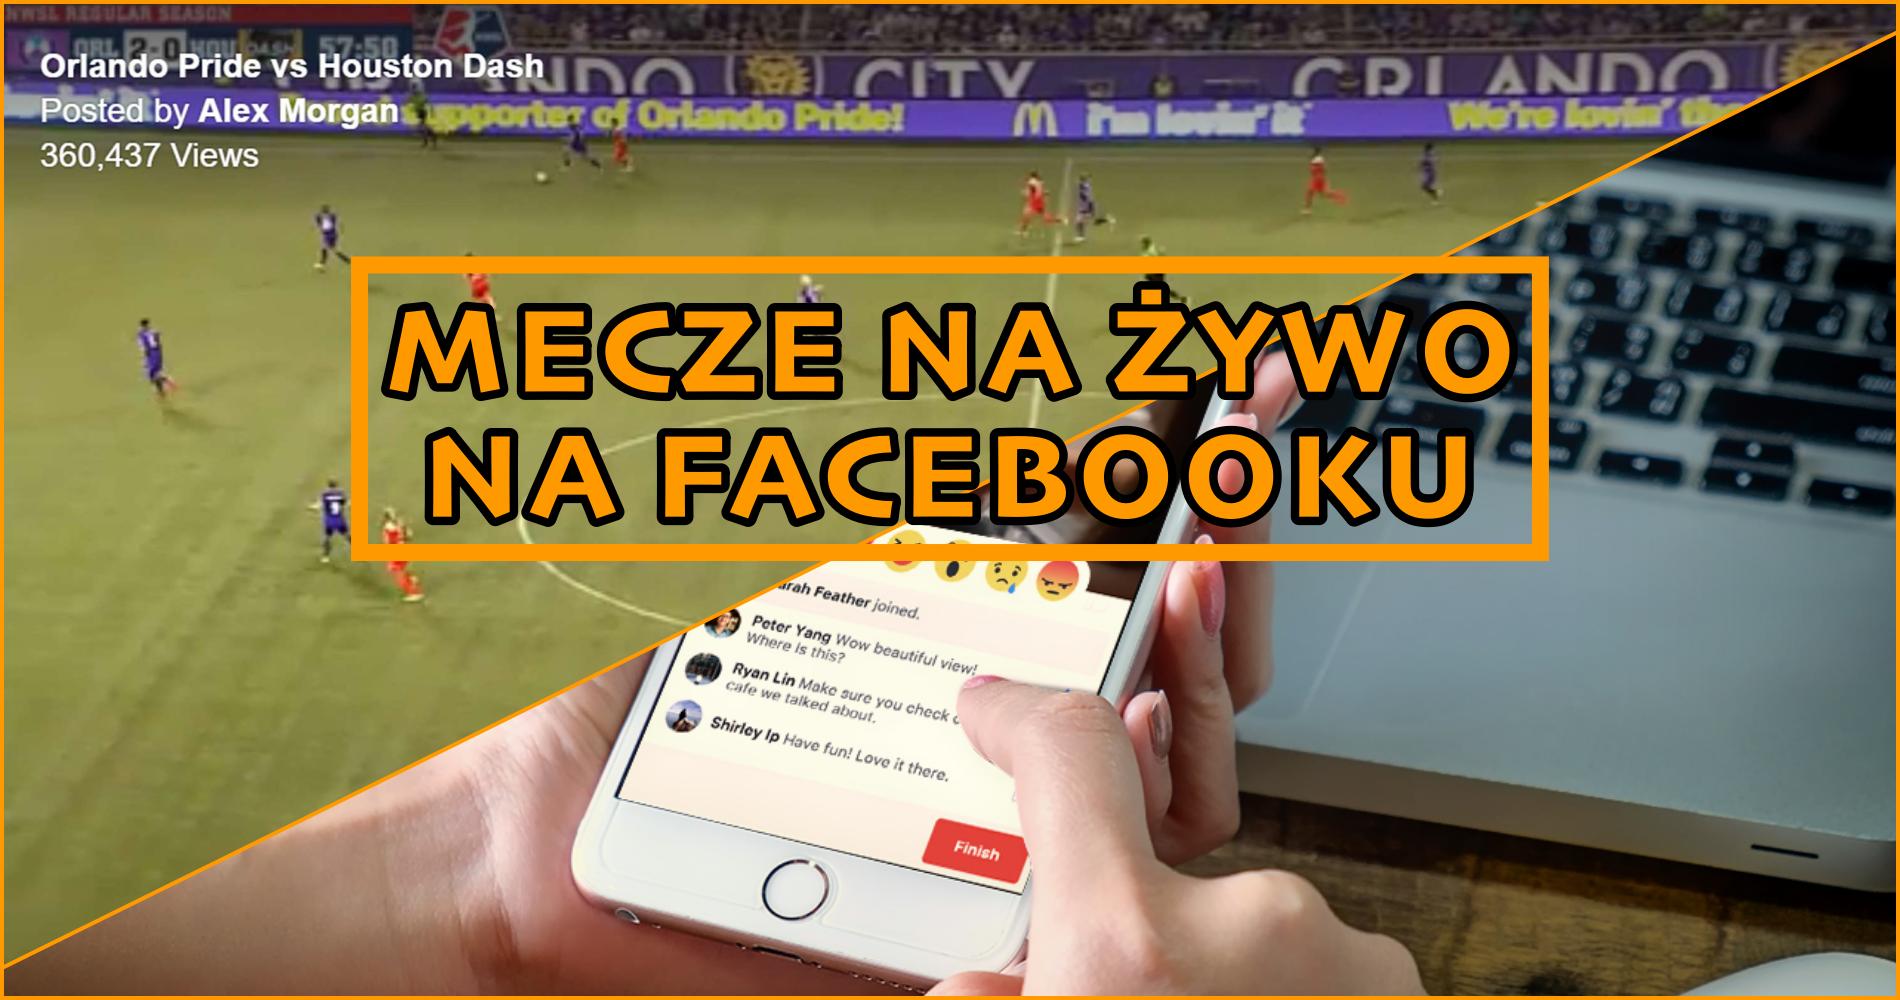 Mecze piłkarskie na żywo na Facebooku? To kwestia czasu.